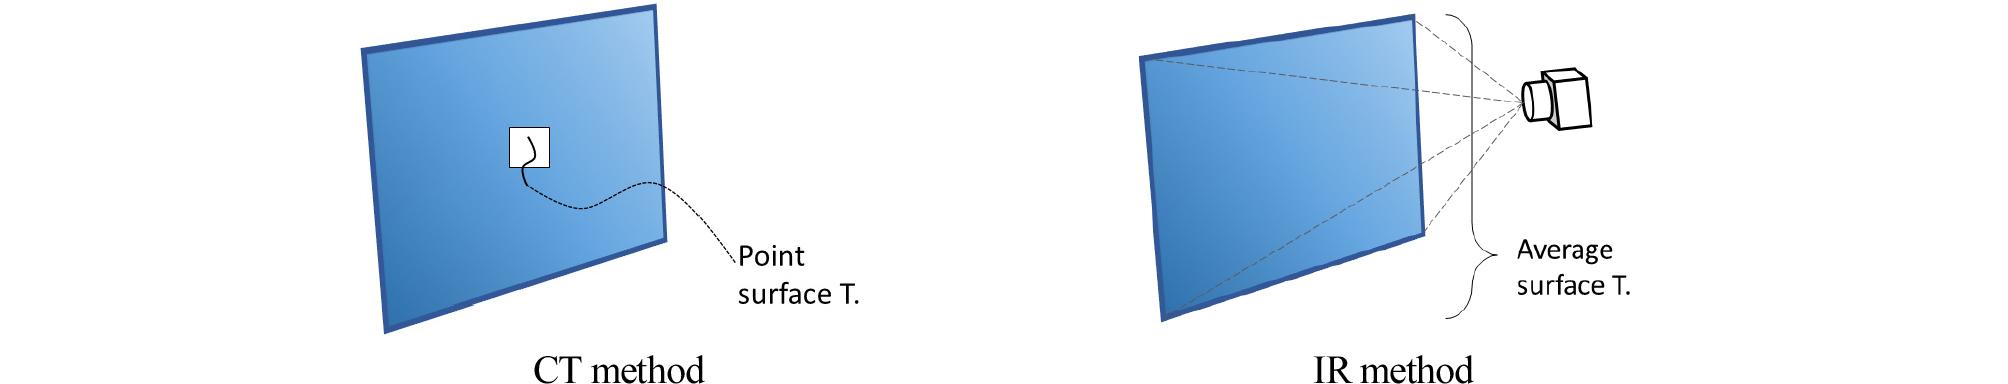 http://static.apub.kr/journalsite/sites/kiaebs/2020-014-01/N0280140102/images/Figure_KIAEBS_14_1_02_F1.jpg